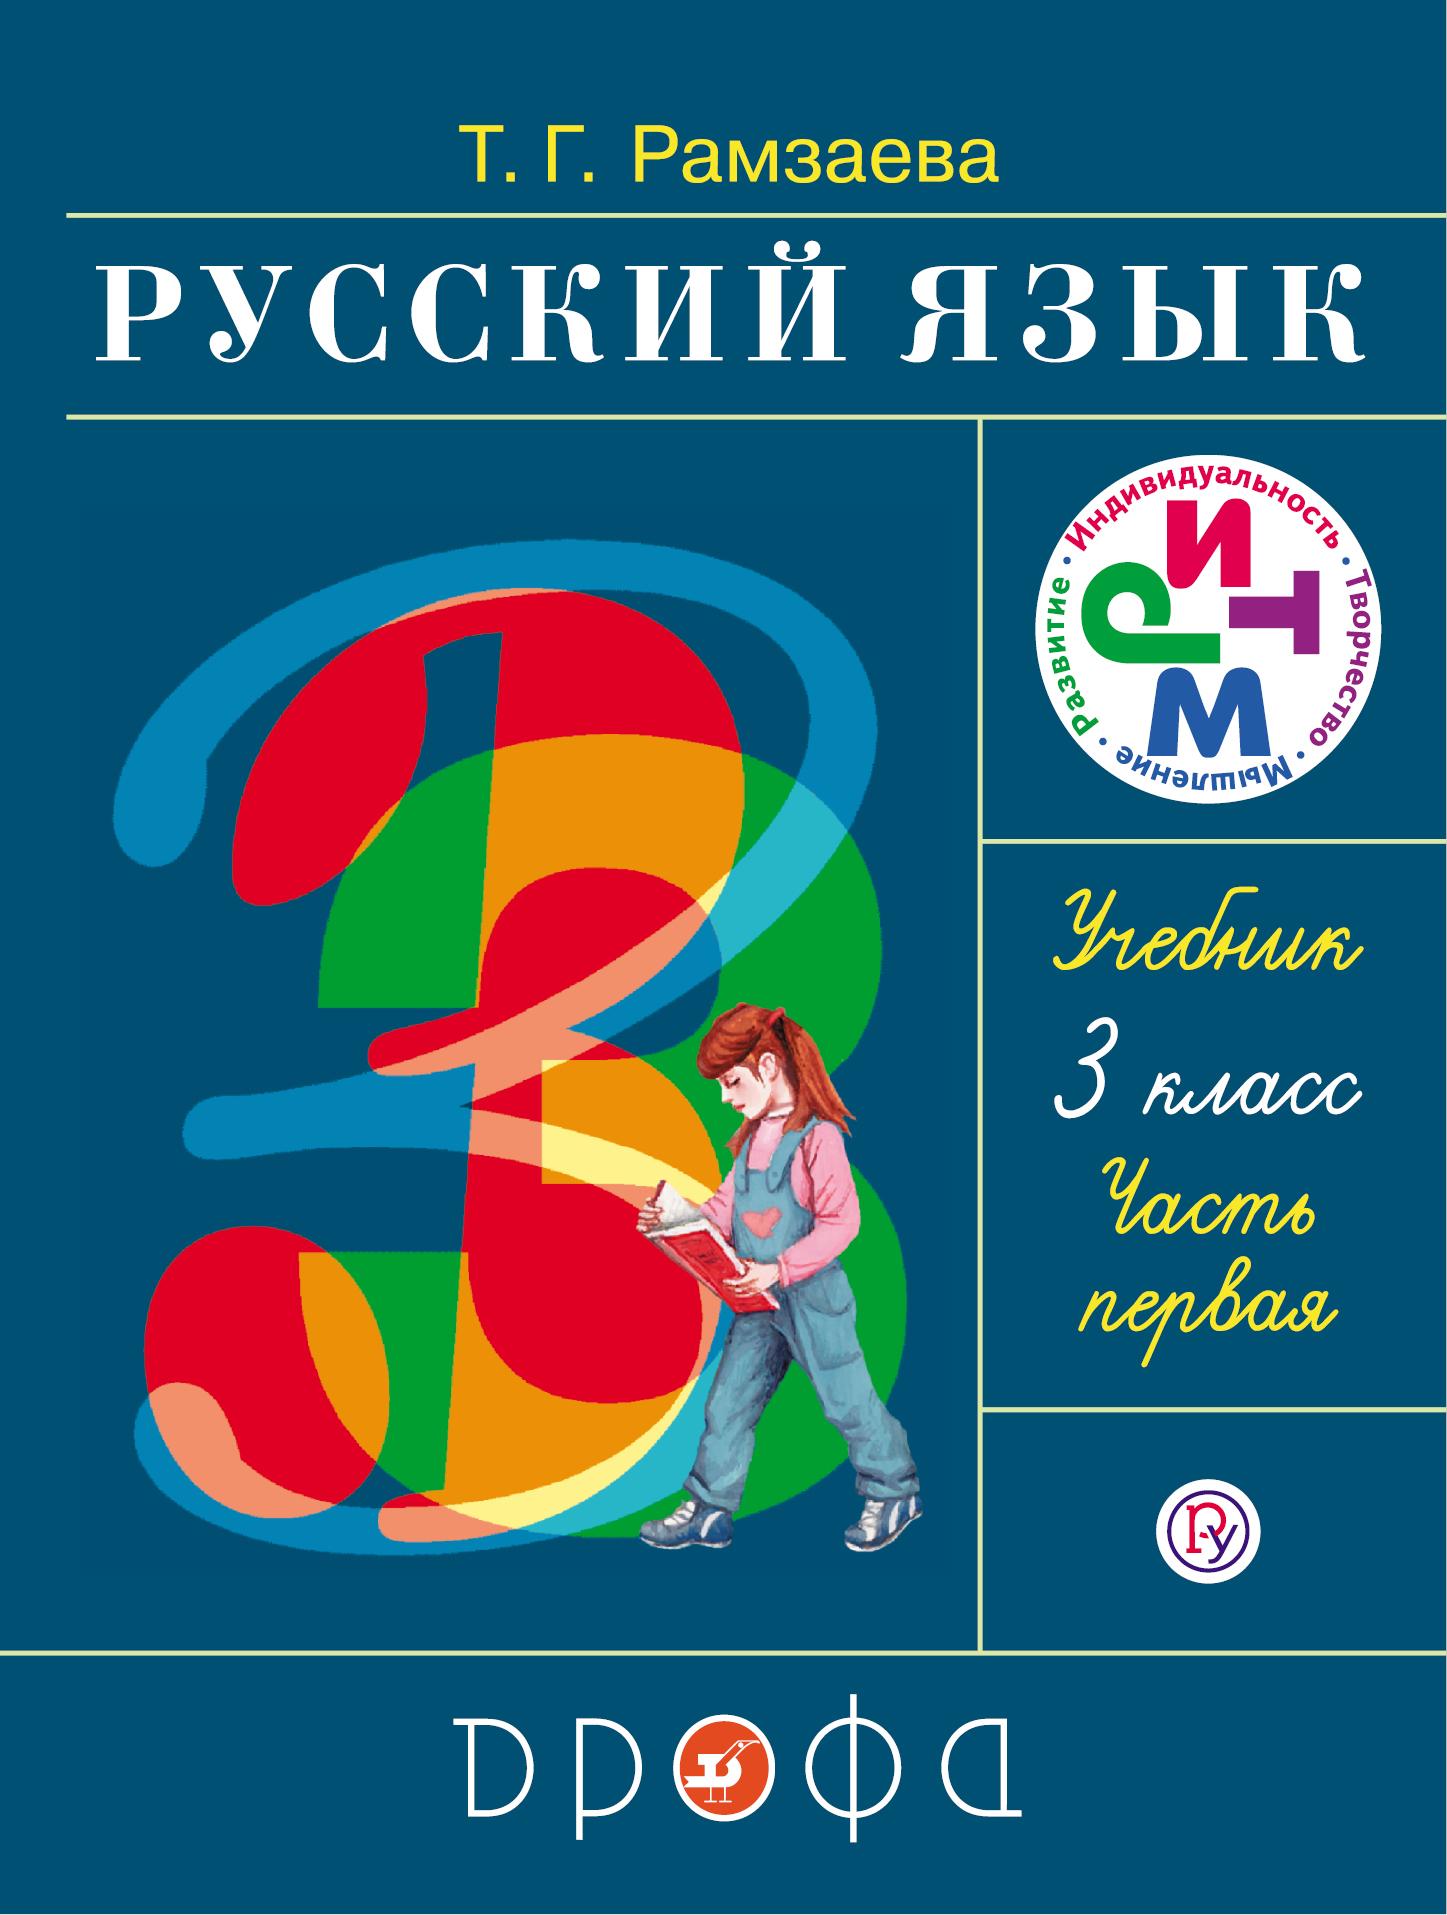 Рамзаева Т.Г. Русский язык. 3 класс. Учебник. Часть 1